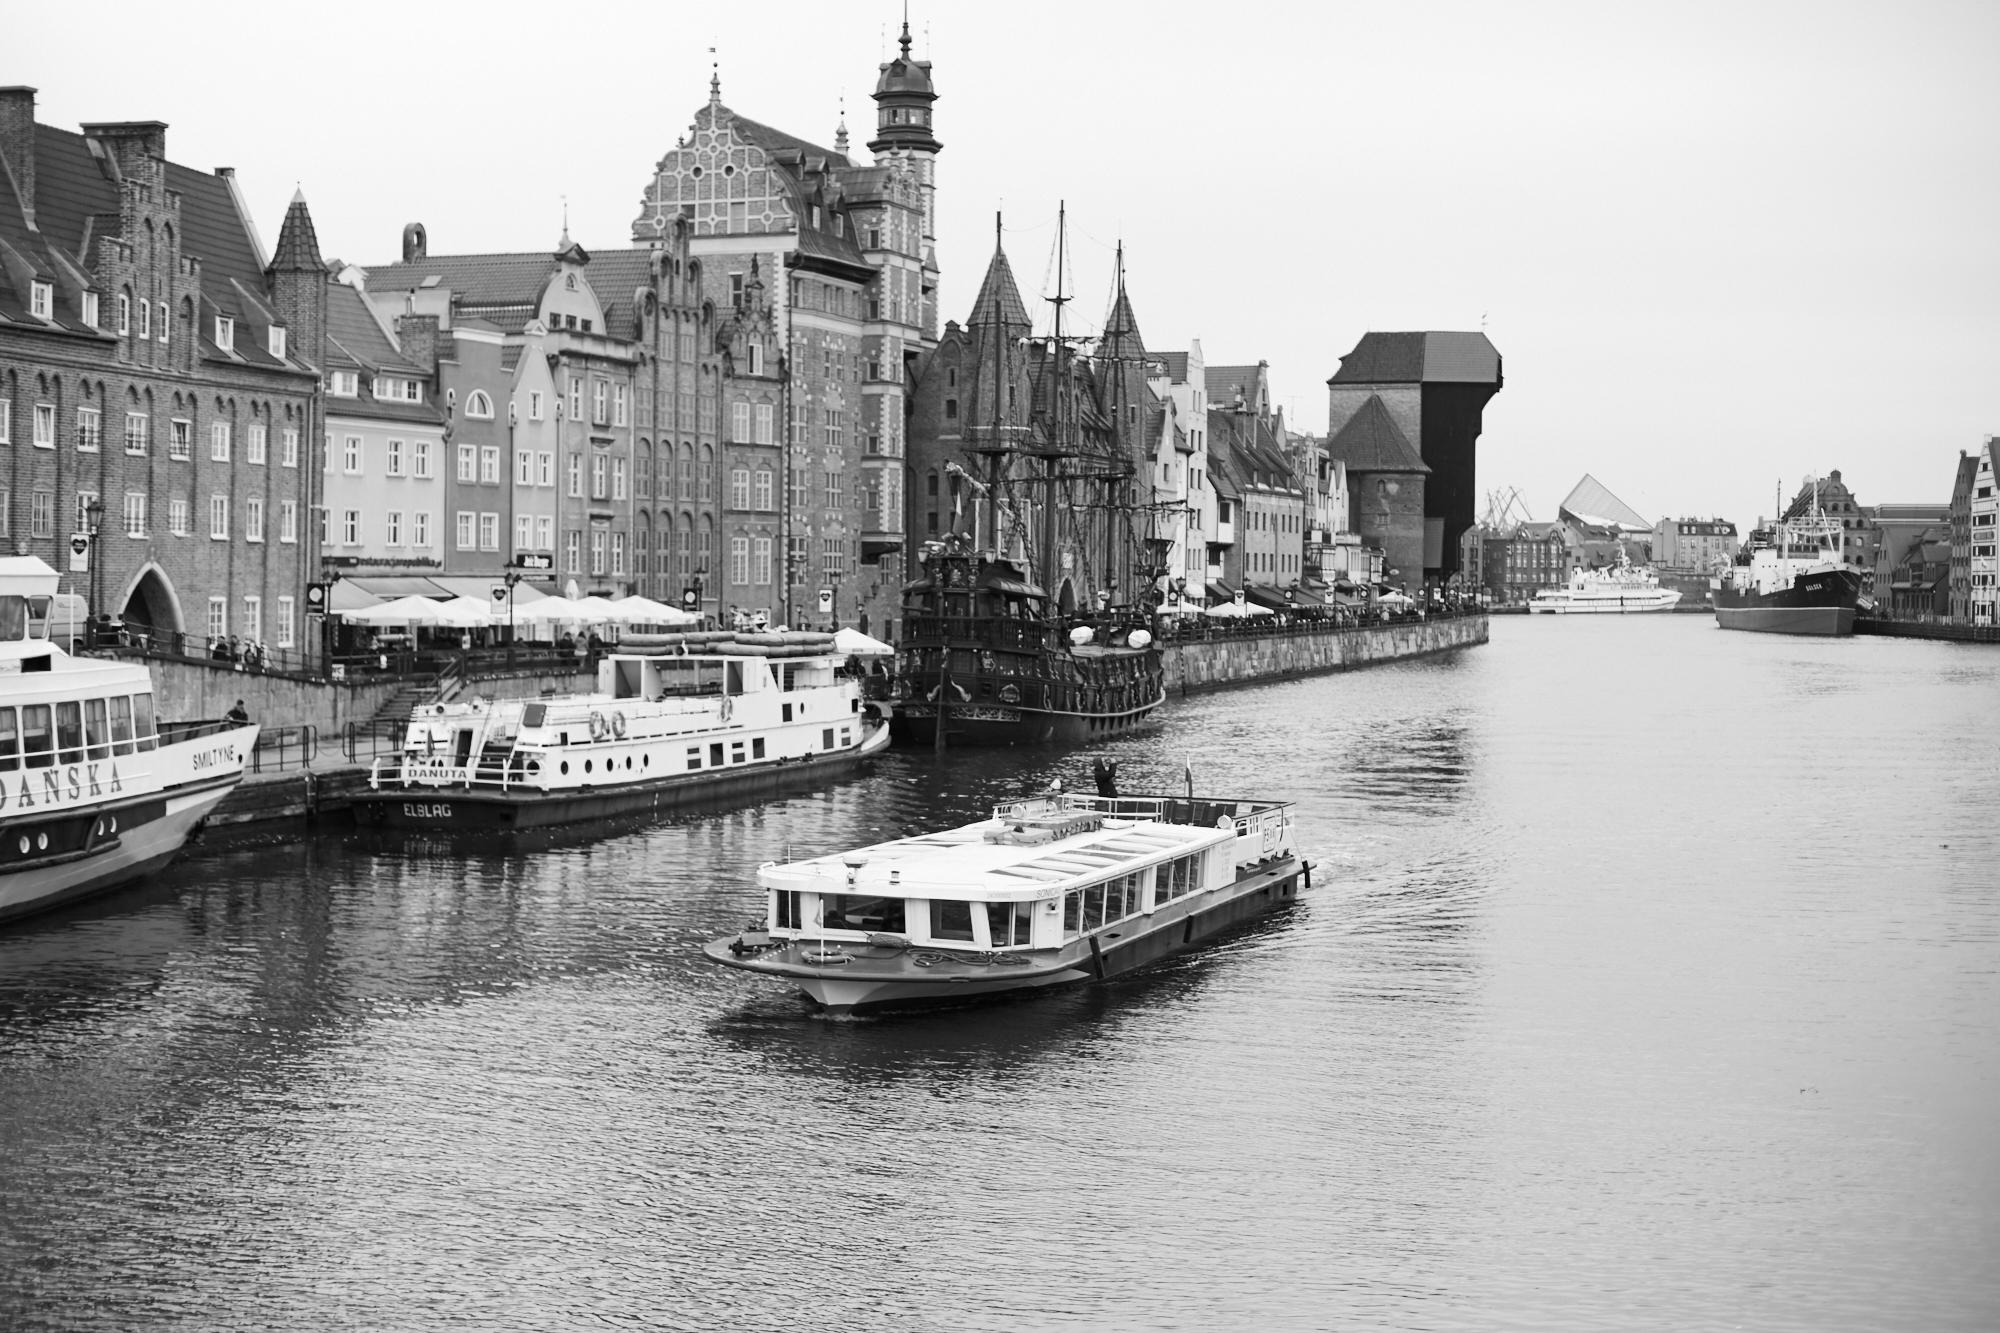 miasto gdańsk marcin biedroń